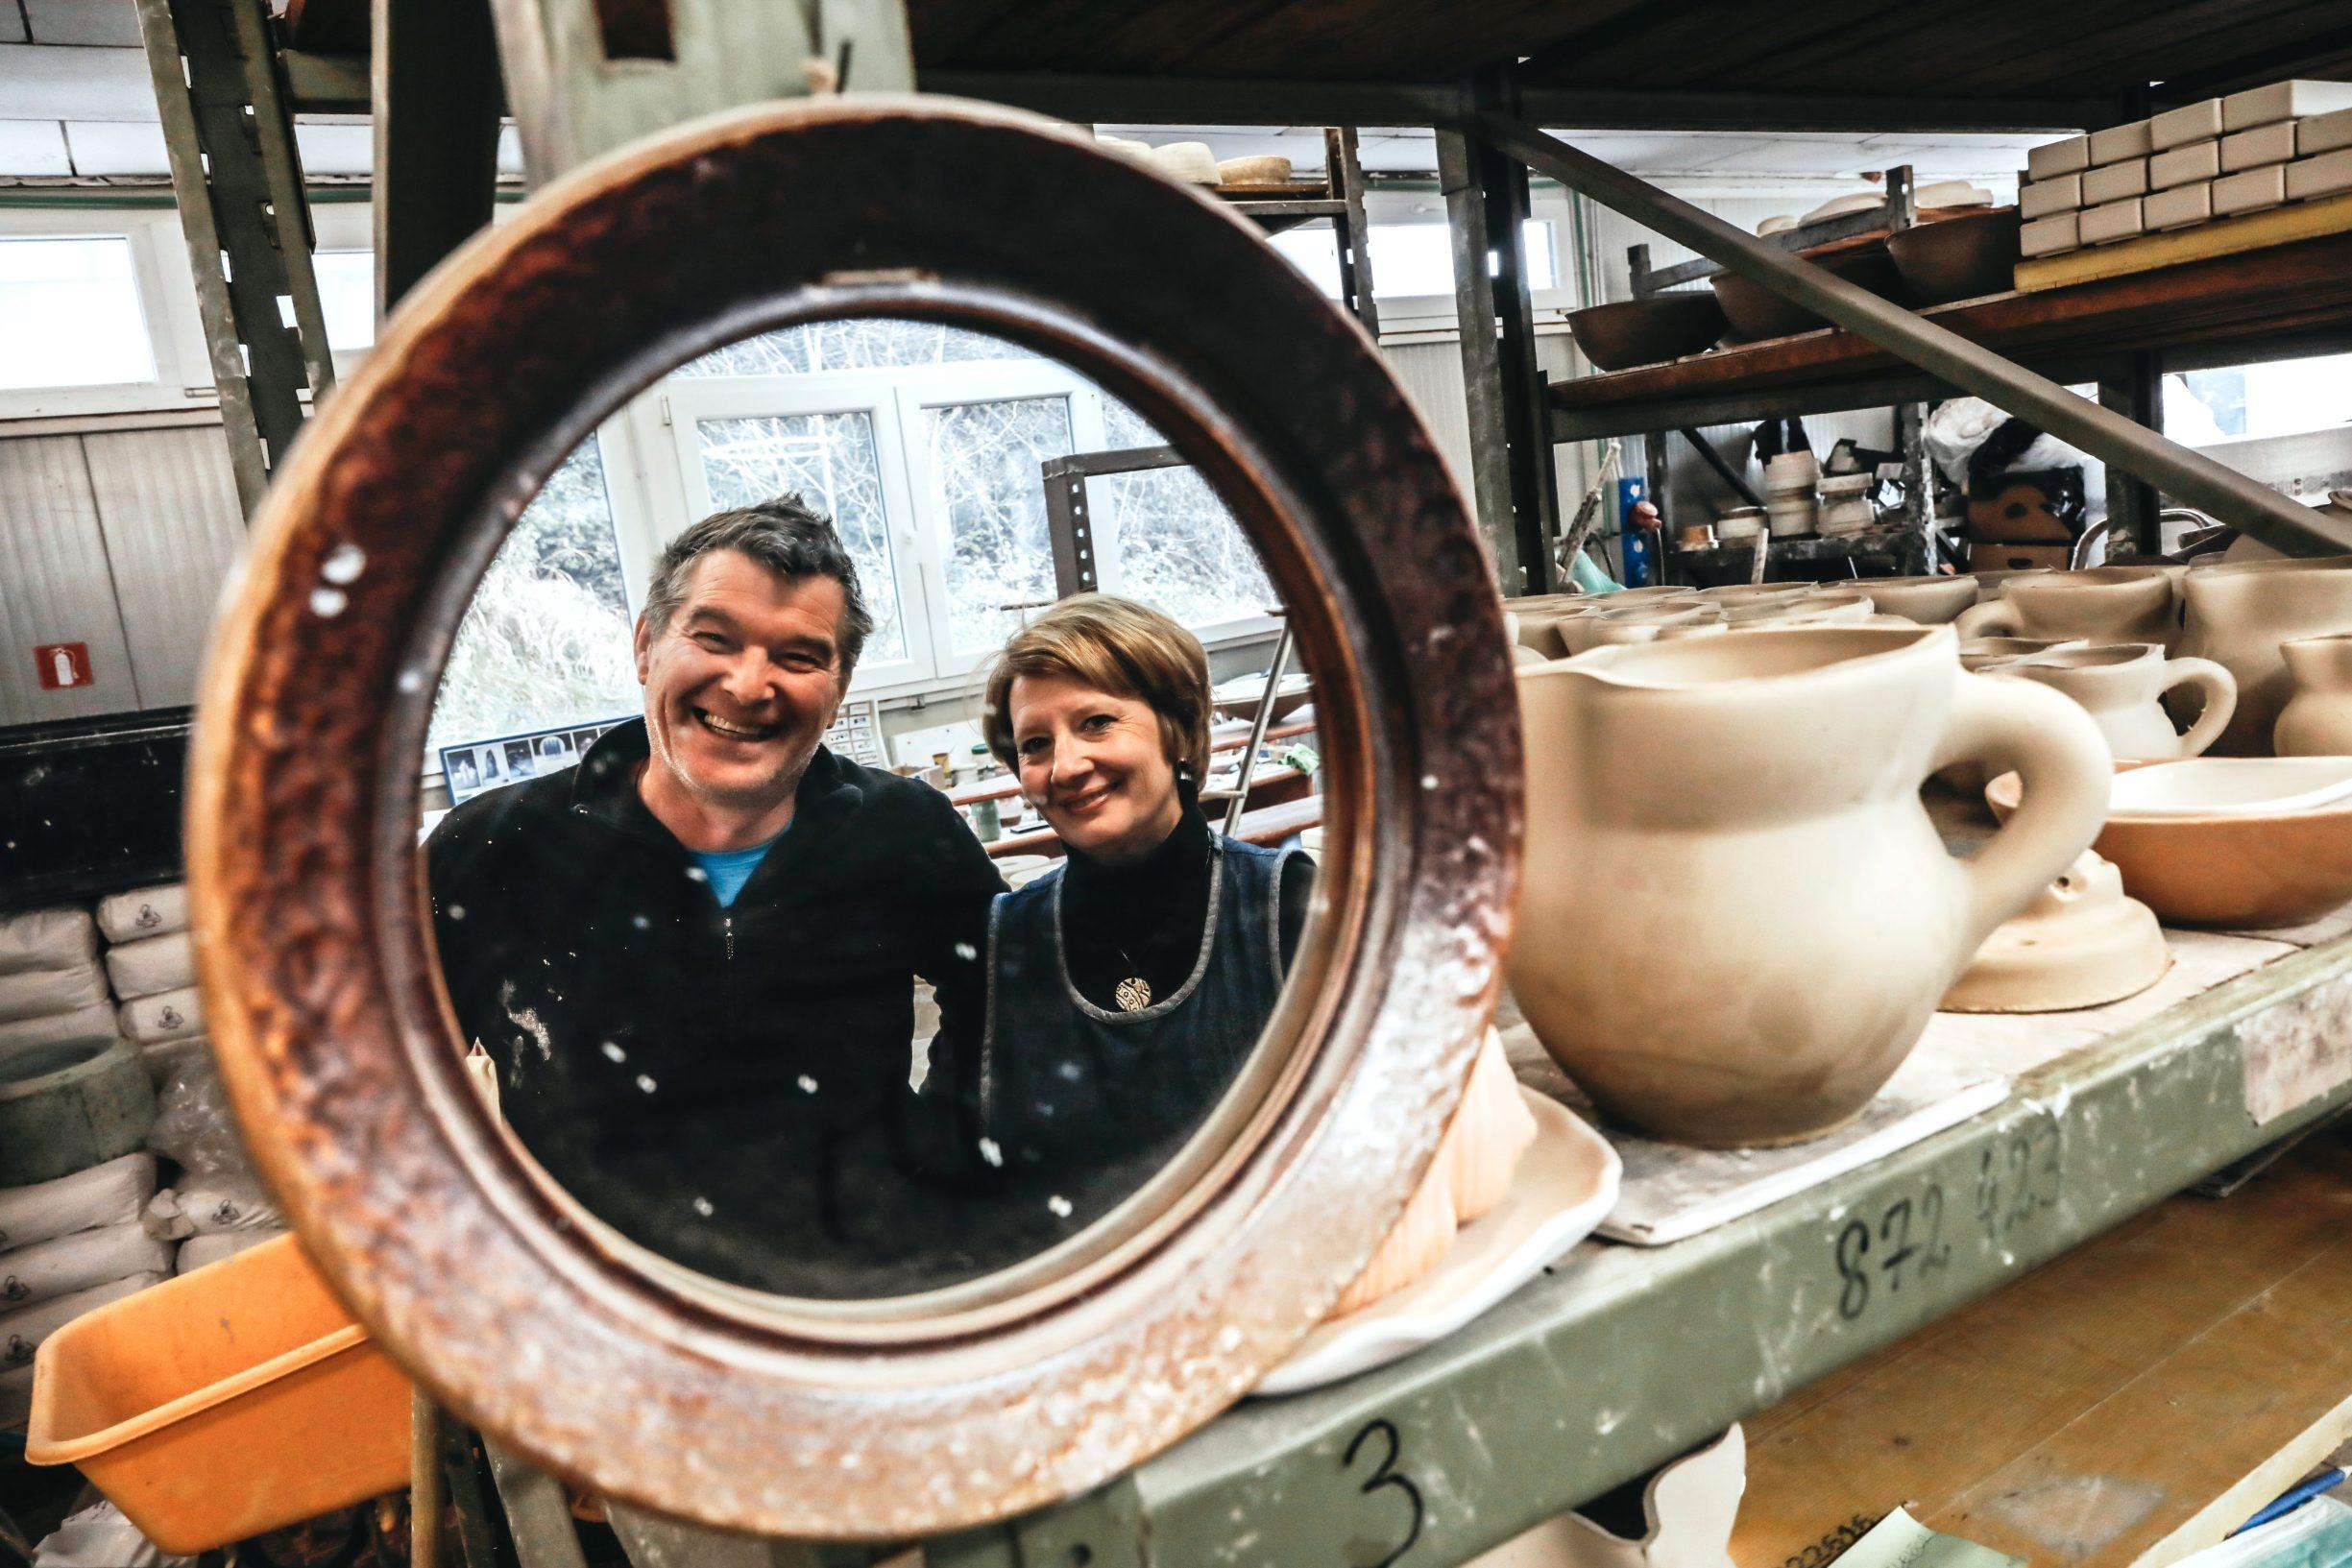 Labin, 250220 Reportaza o gradu Labinu u ciklusu I to je Hrvatska.  Na fotografiji Dolores i Masimo Jenkel, vlasnici tradicijskog obrta Merania keramika. Foto: Danijel Soldo / CROPIX